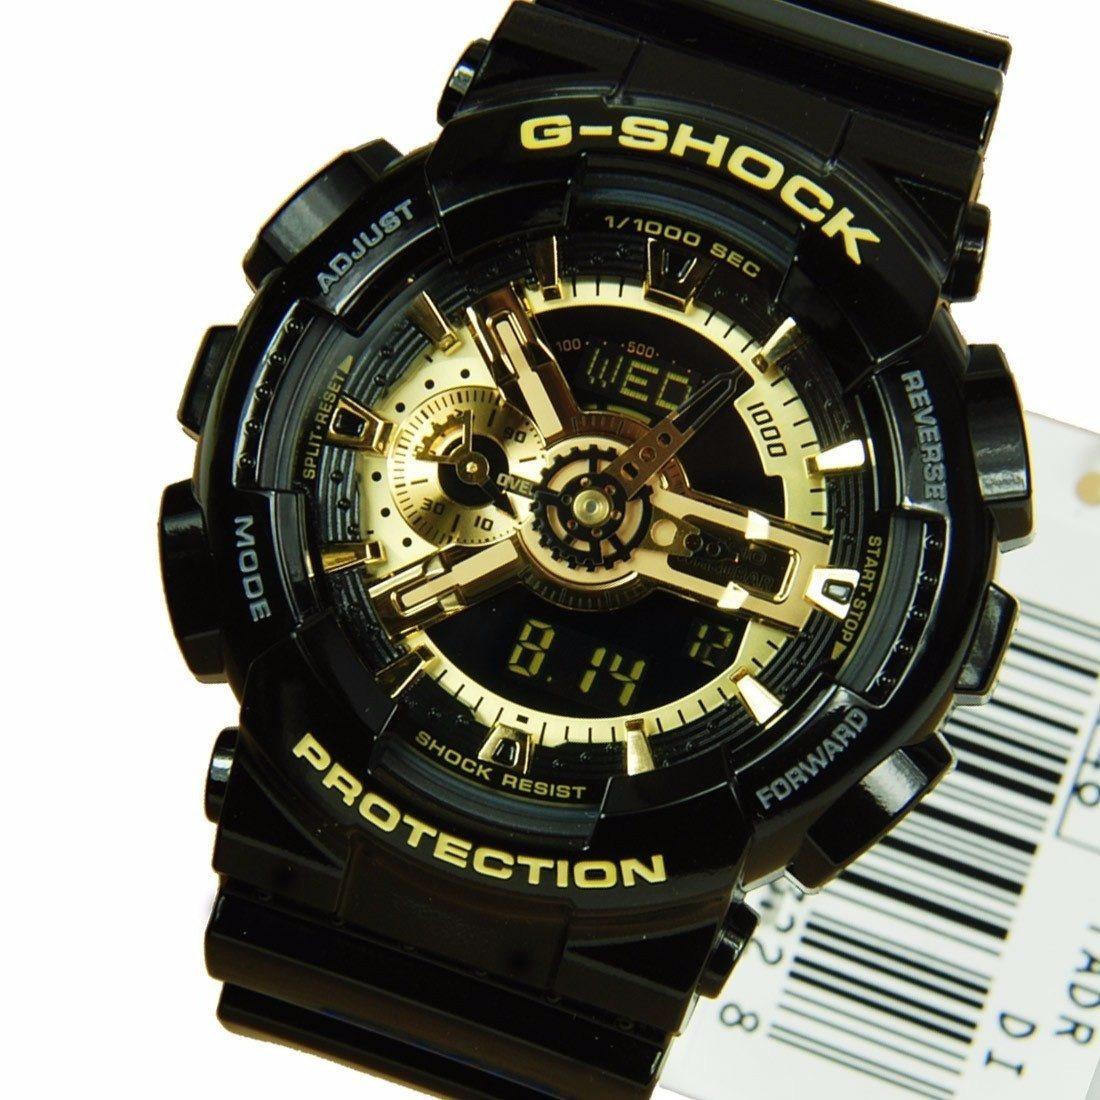 08cdf1406fc relógio masculino casio g-shock preto e dourado na caixa a3. Carregando zoom .